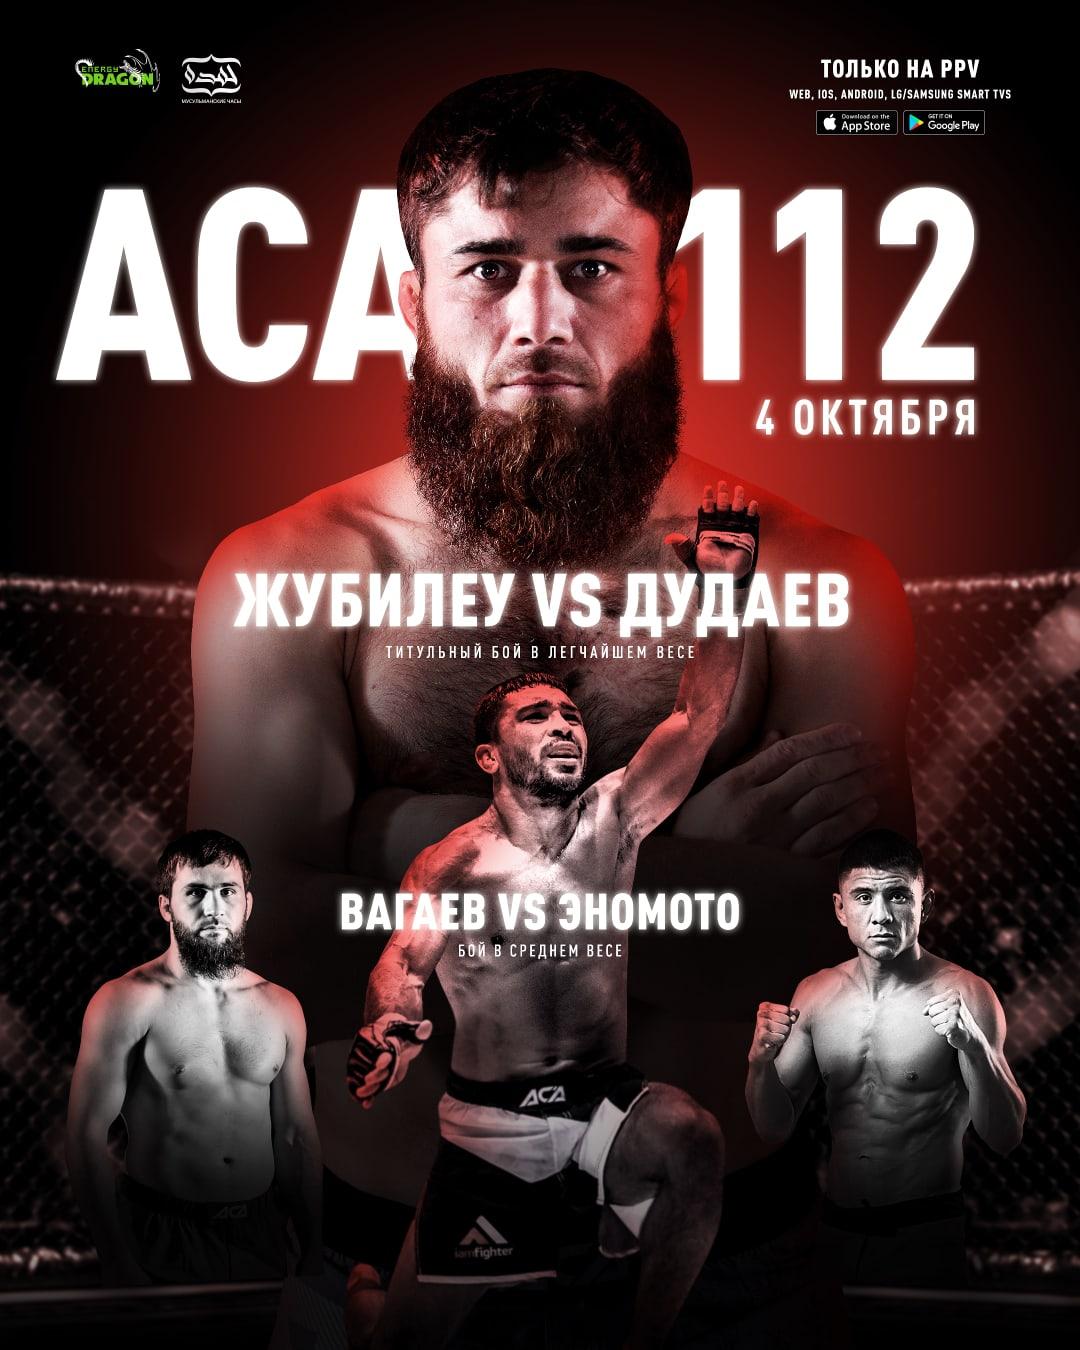 ACA 112: Альмейда vs Дудаев